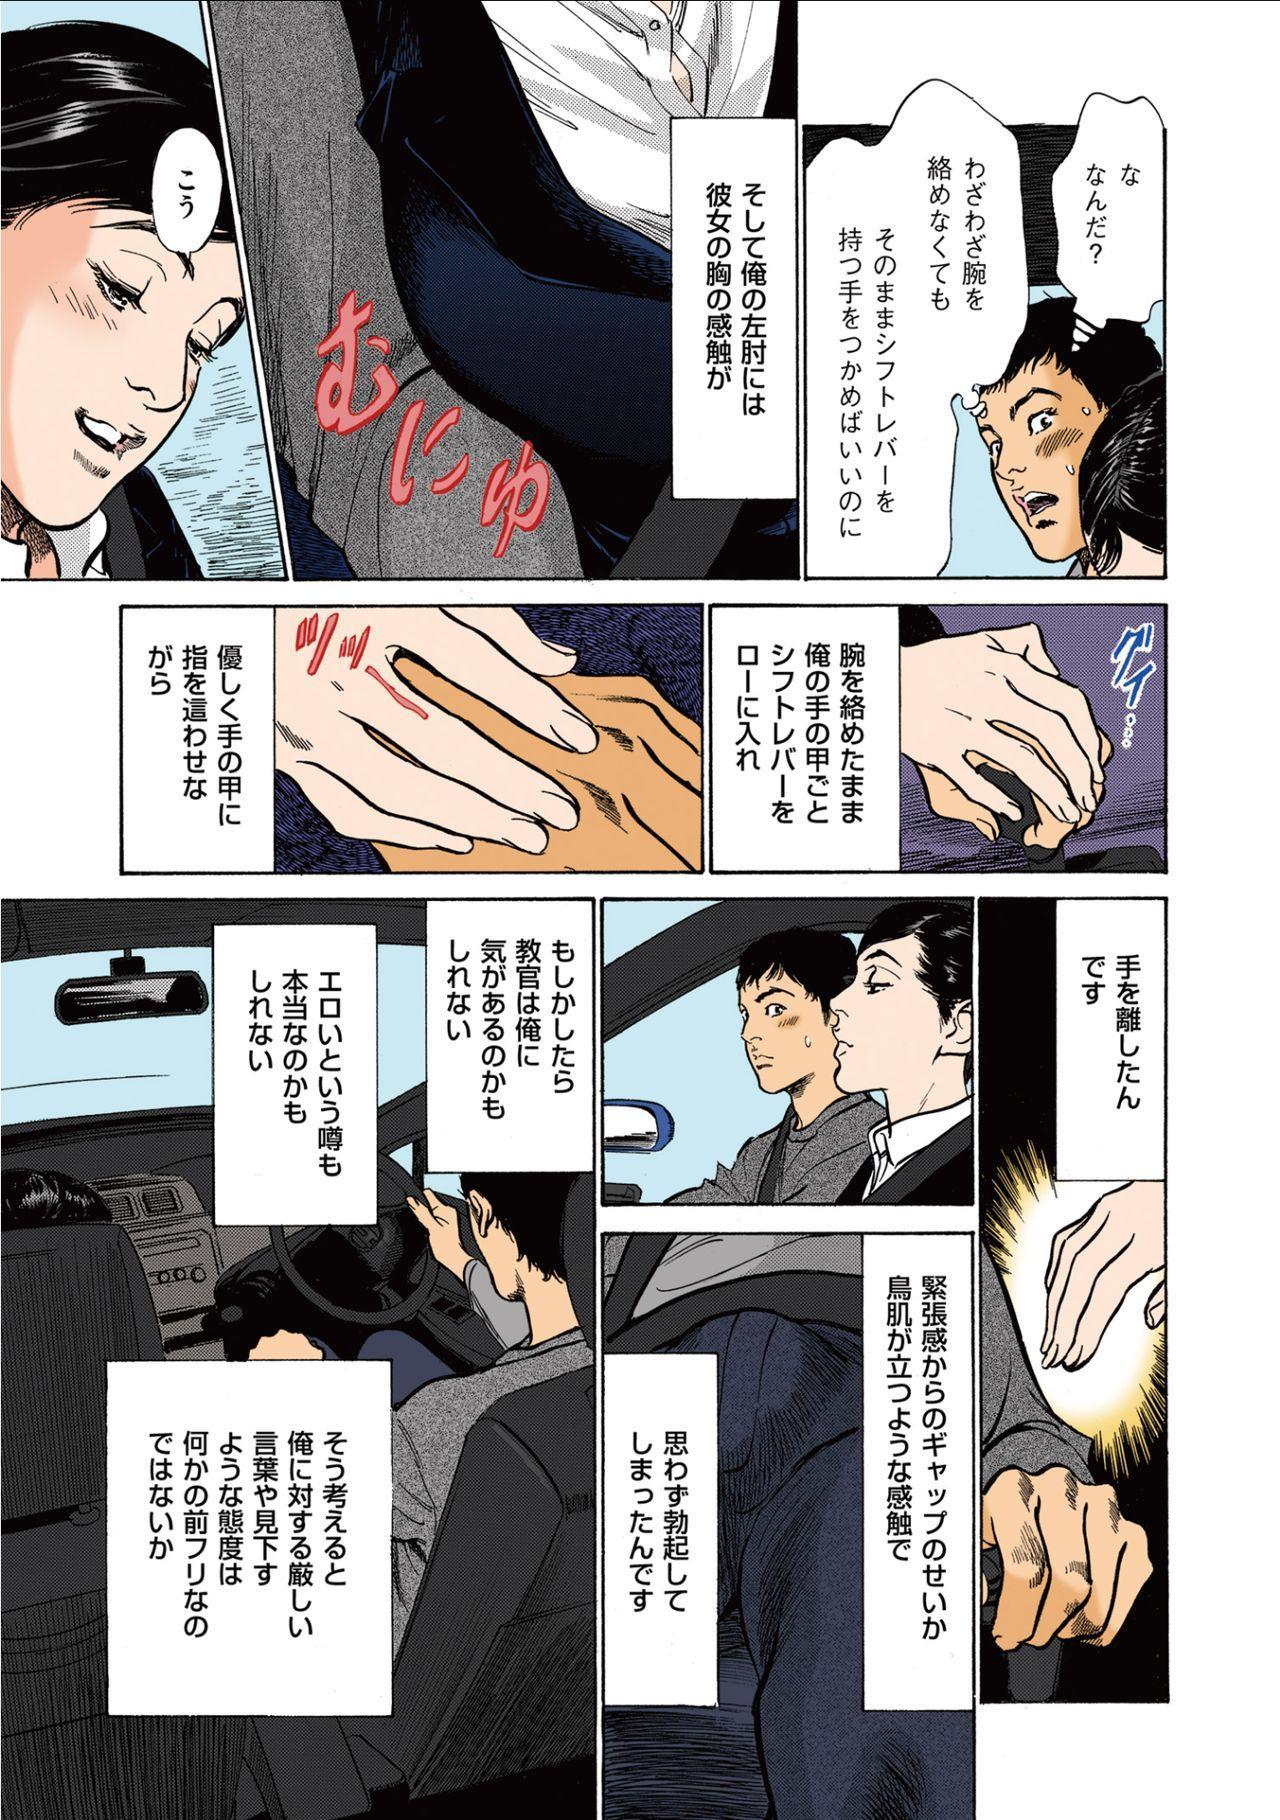 [Hazuki Kaoru] Hazuki Kaoru no Tamaranai Hanashi (Full Color Version) 1-2 8